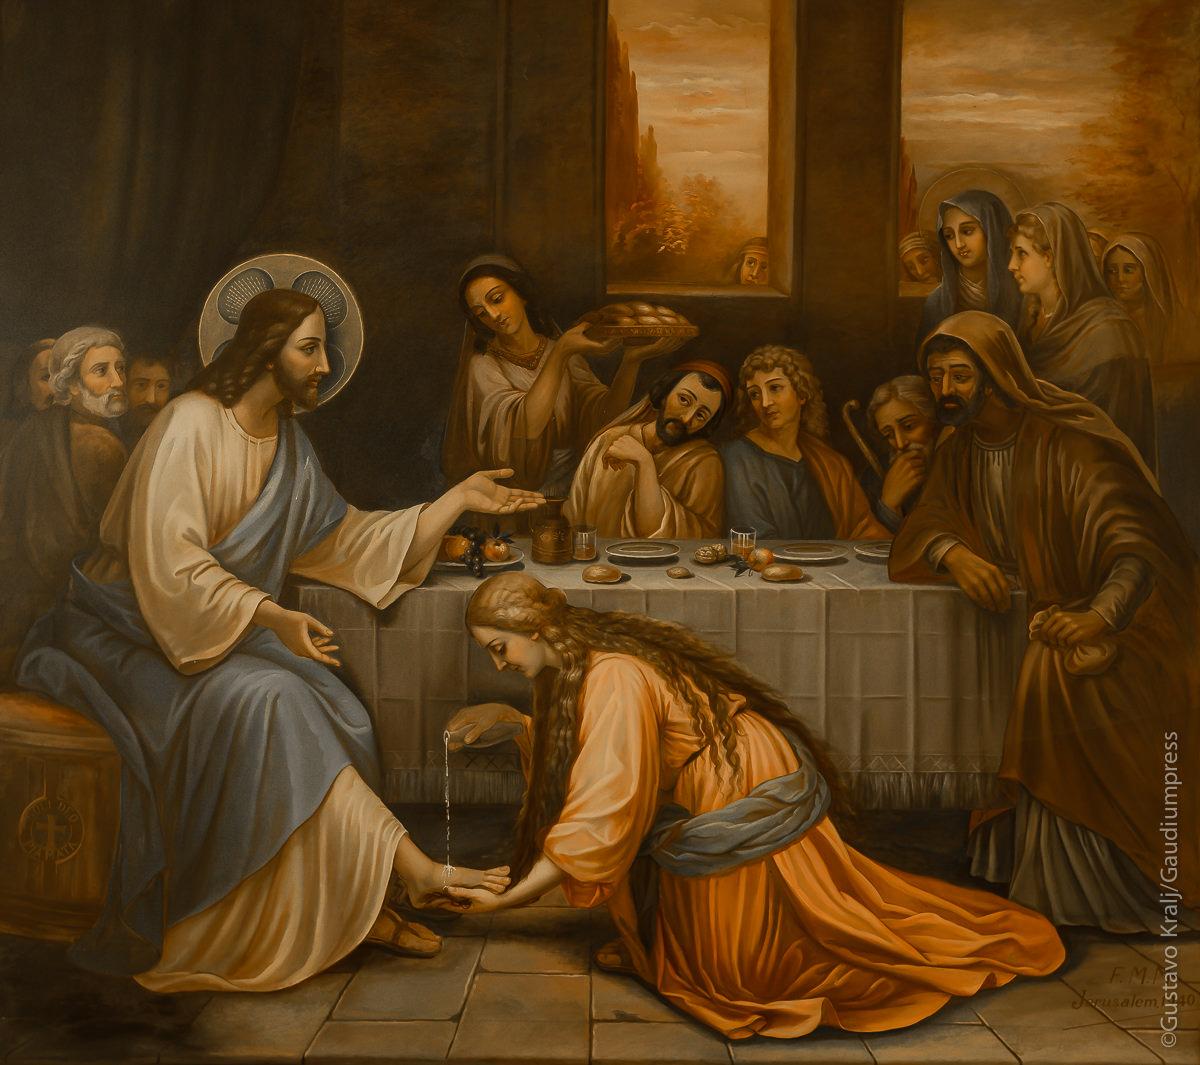 Jesus y los Fariseos. Oleo, s XIX. Convento de Betania, Tierra Santa. Foto: Gustavo Kralj/GaudiumpressImages.com